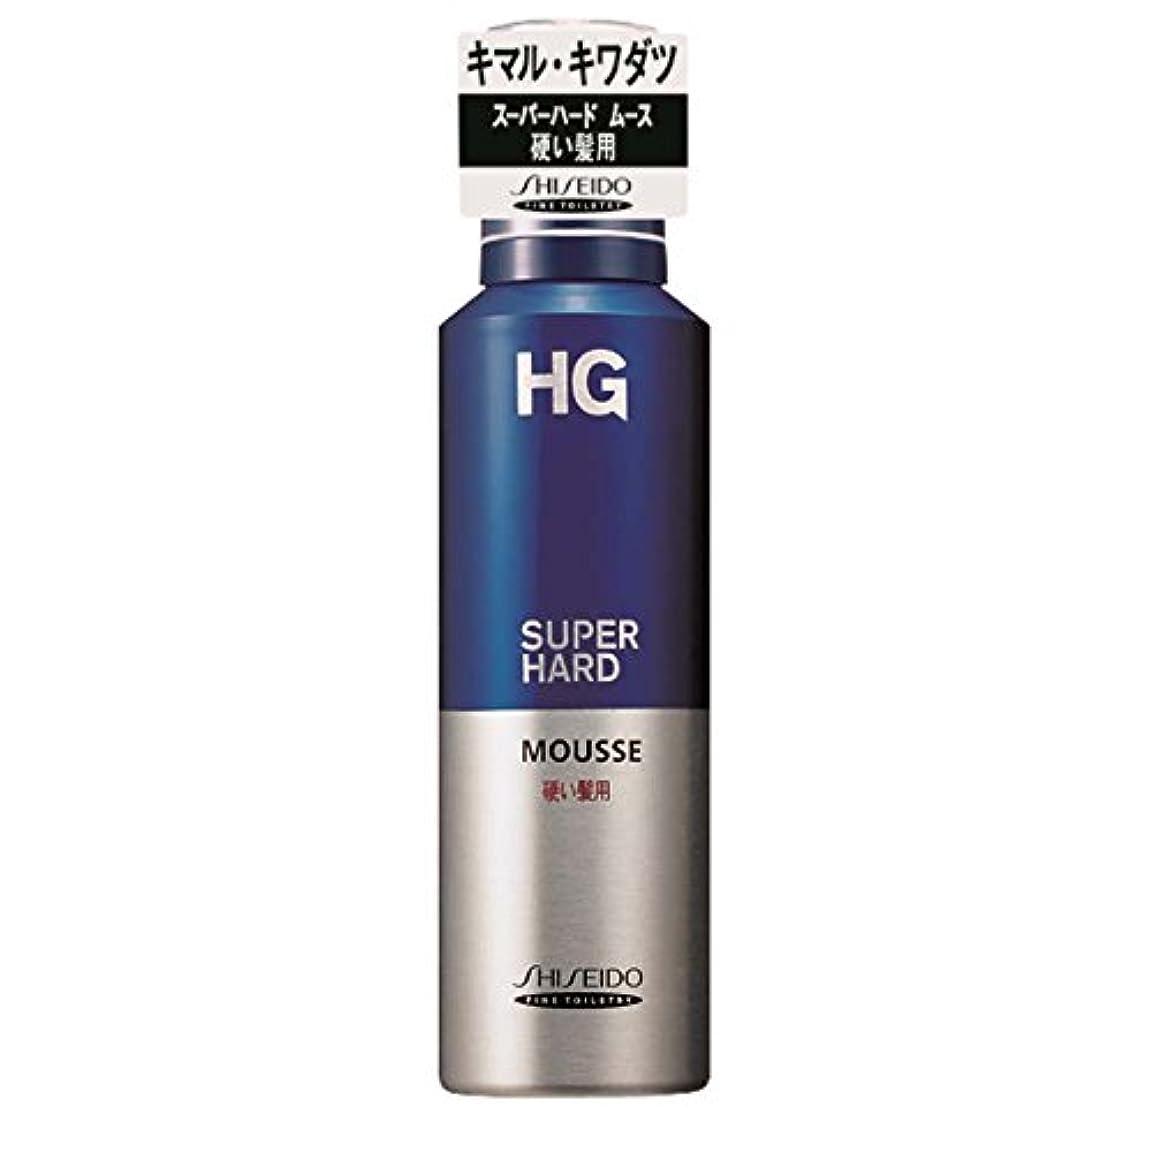 緩やかなメーター息を切らしてHG スーパーハード ムース 硬い髪用 180g